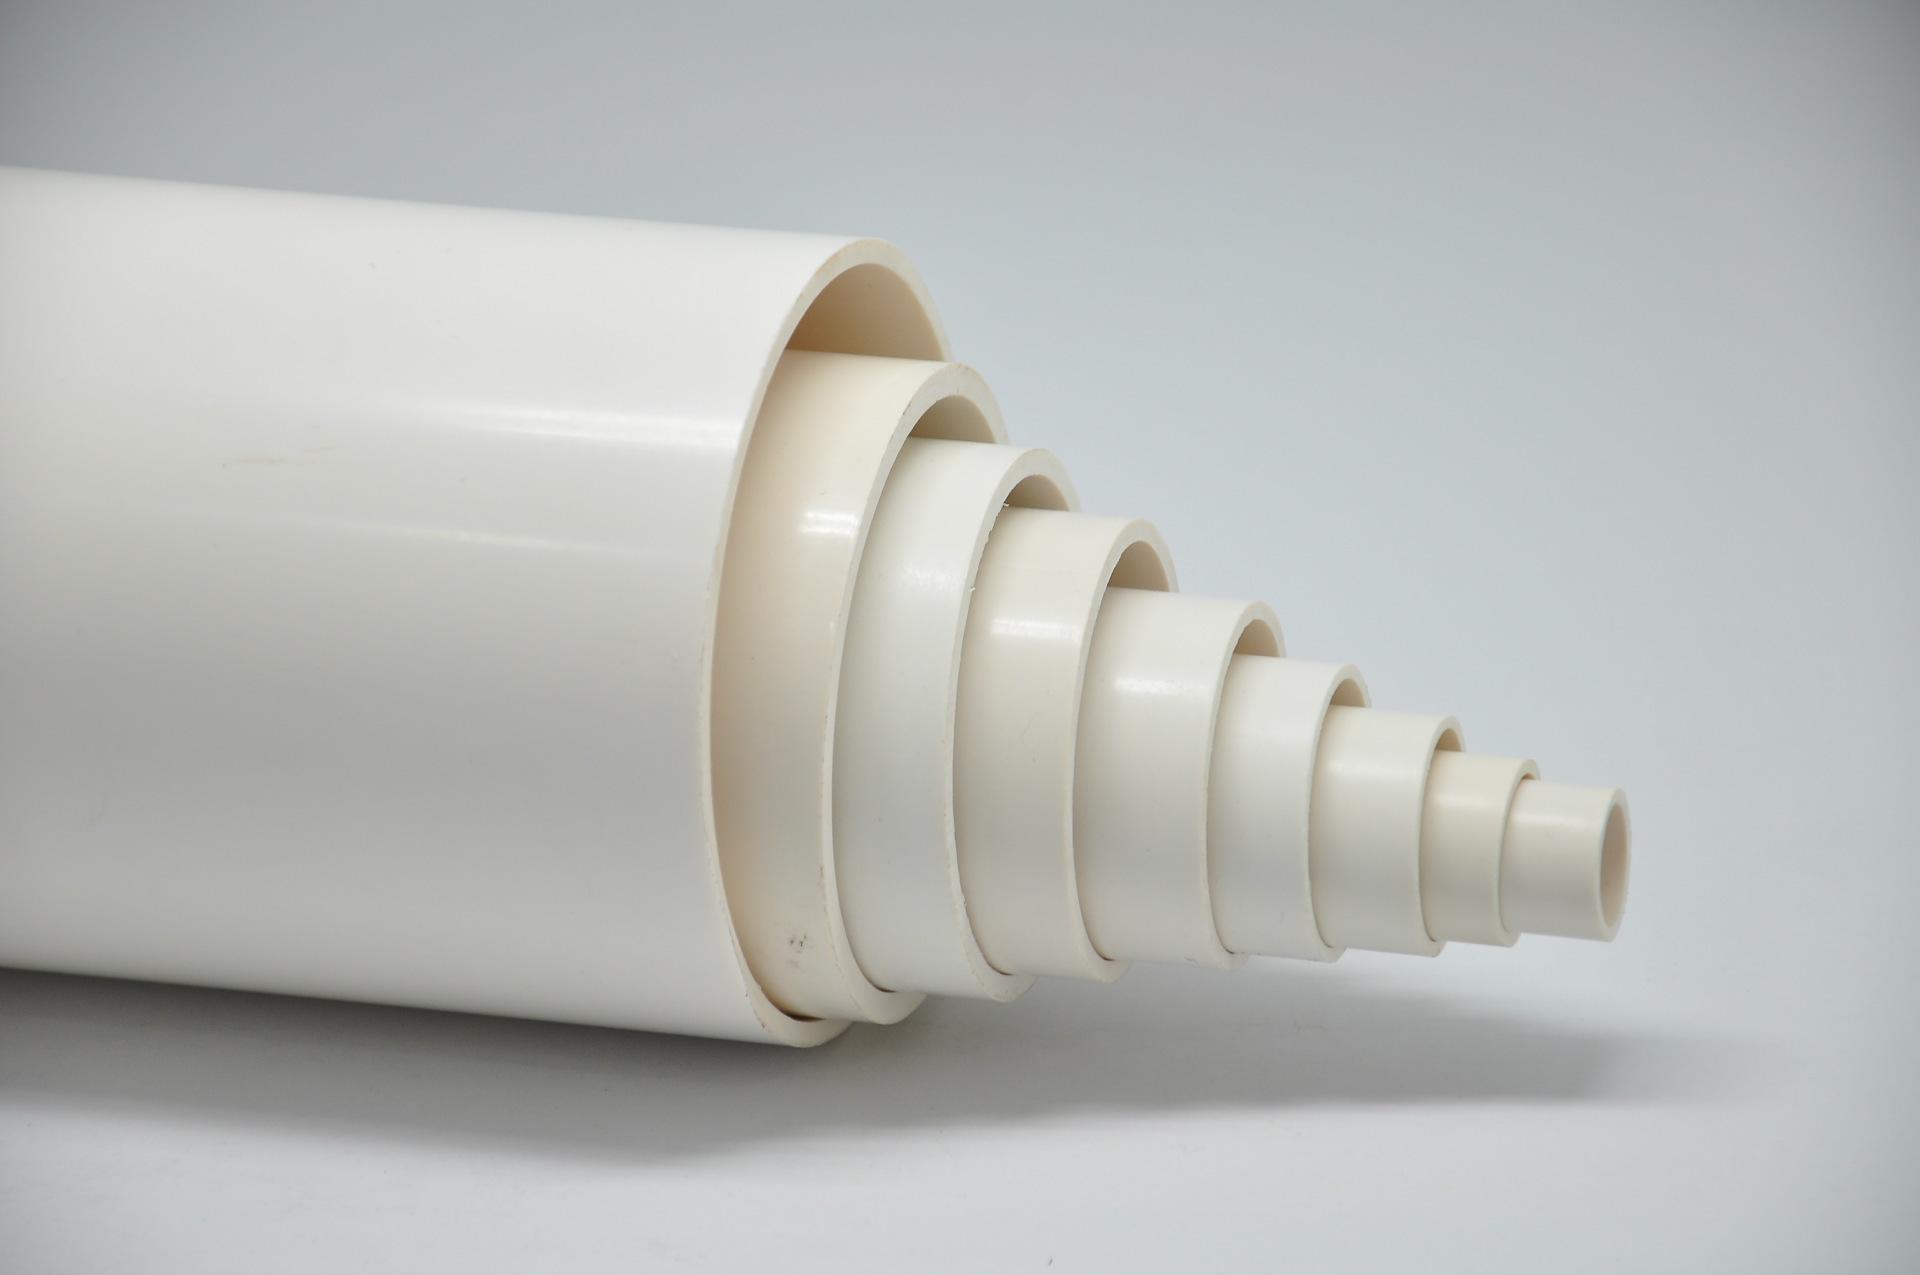 吉林市昌邑区PVC-U白色给水管专业生产